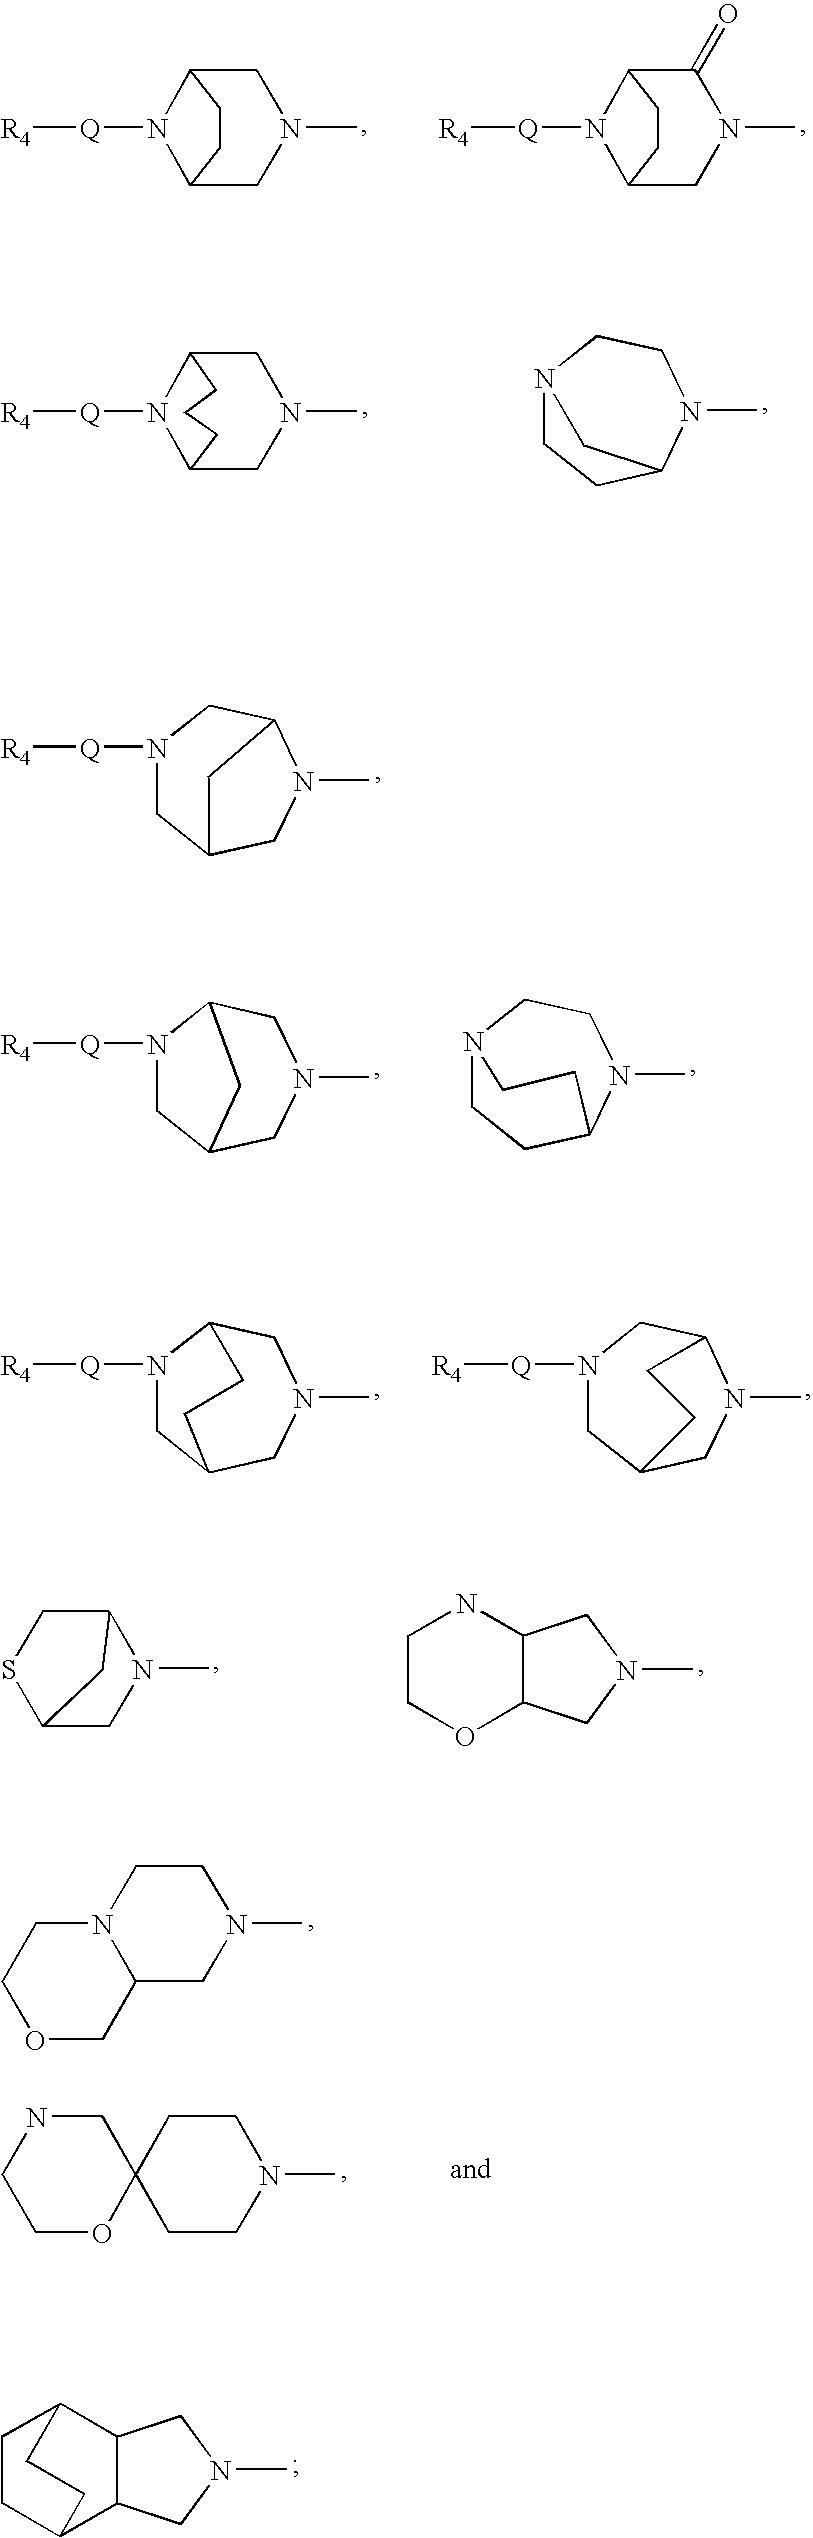 Figure US20070213356A1-20070913-C00068